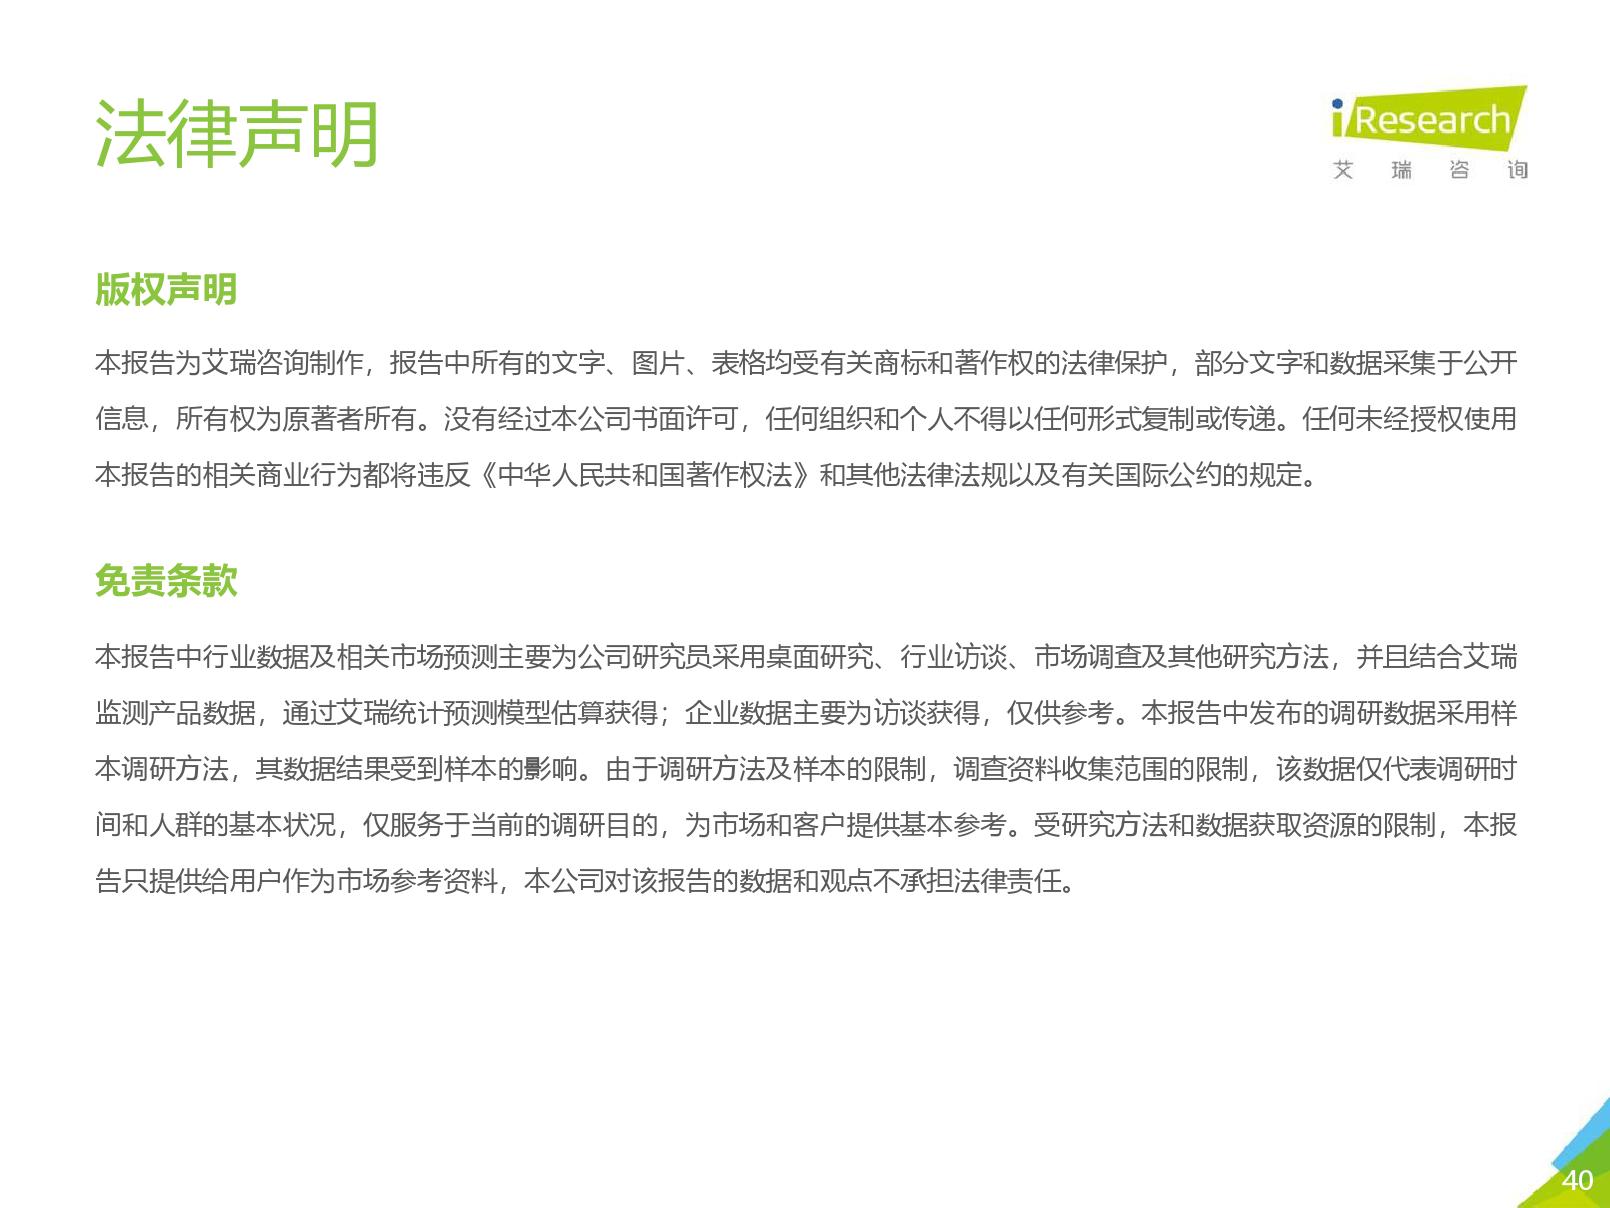 艾瑞咨询:2020年中国游戏直播行业研究报告(可下载报告)插图(79)